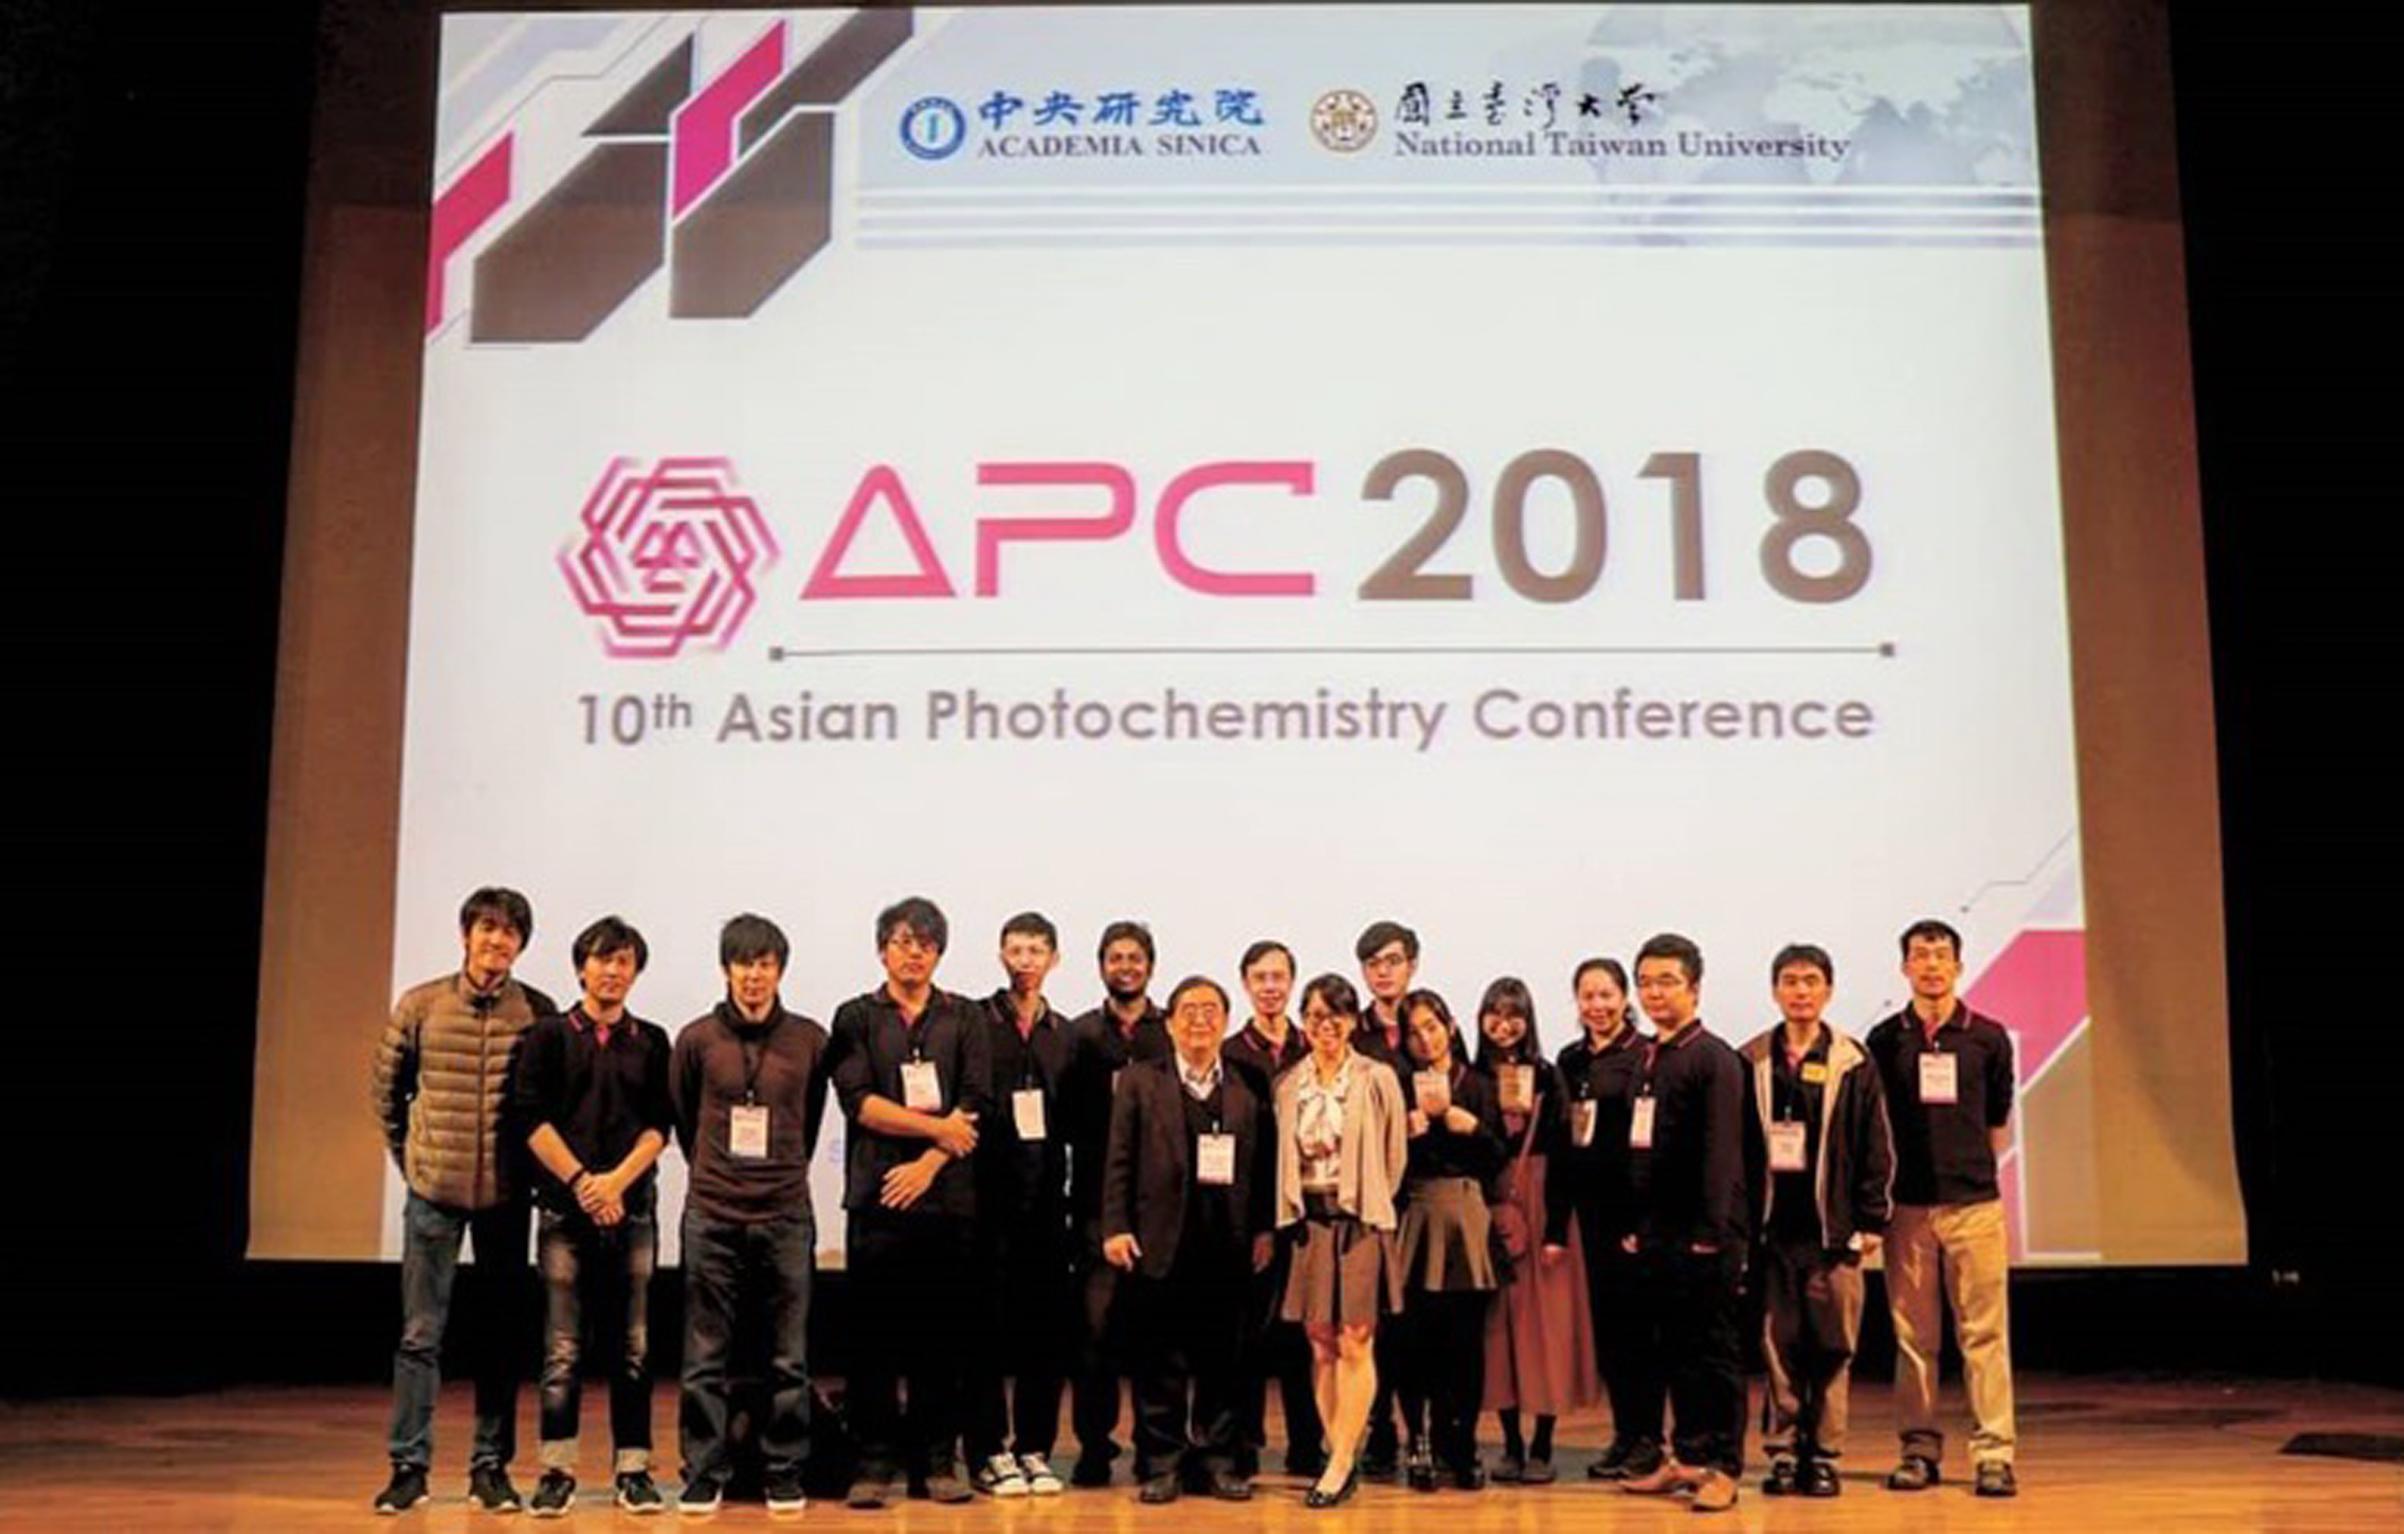 張煥正老師研究團隊舉辦大型國際會議